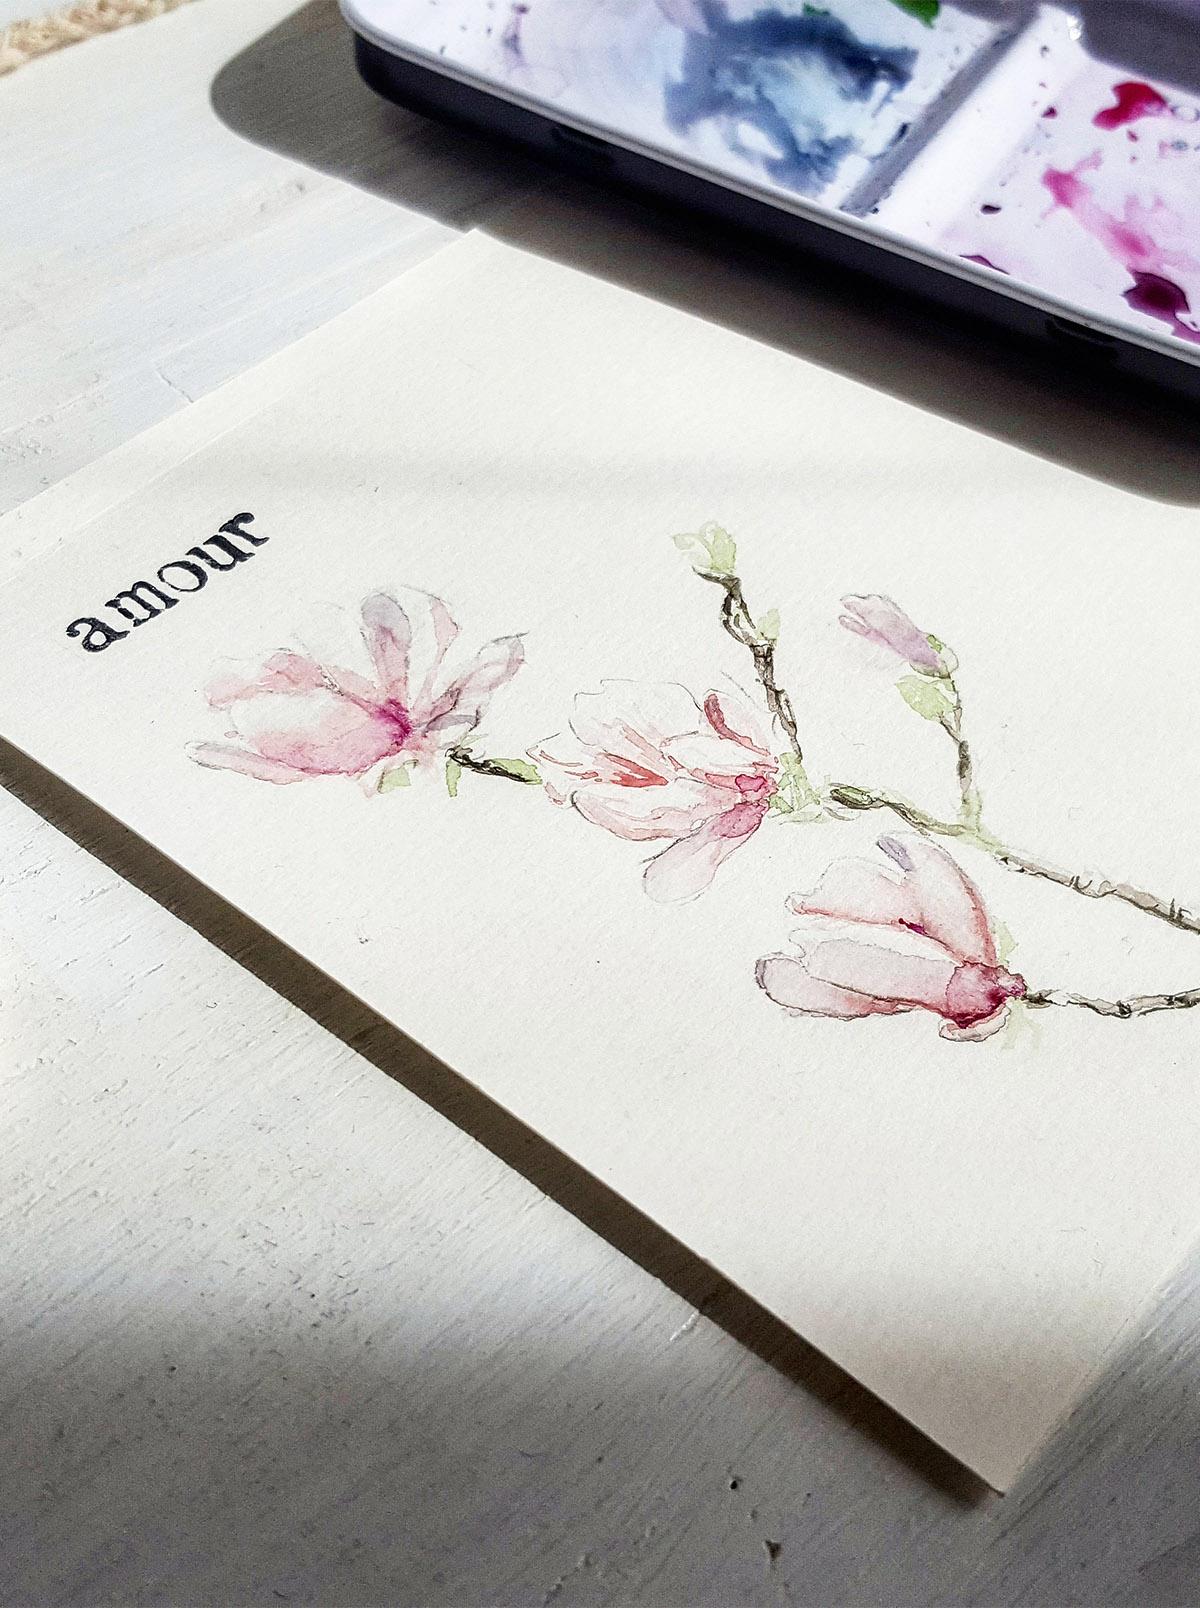 personalisierte_postkarte_amour_geschenk_für_freundin_postkarte_online_bestellen